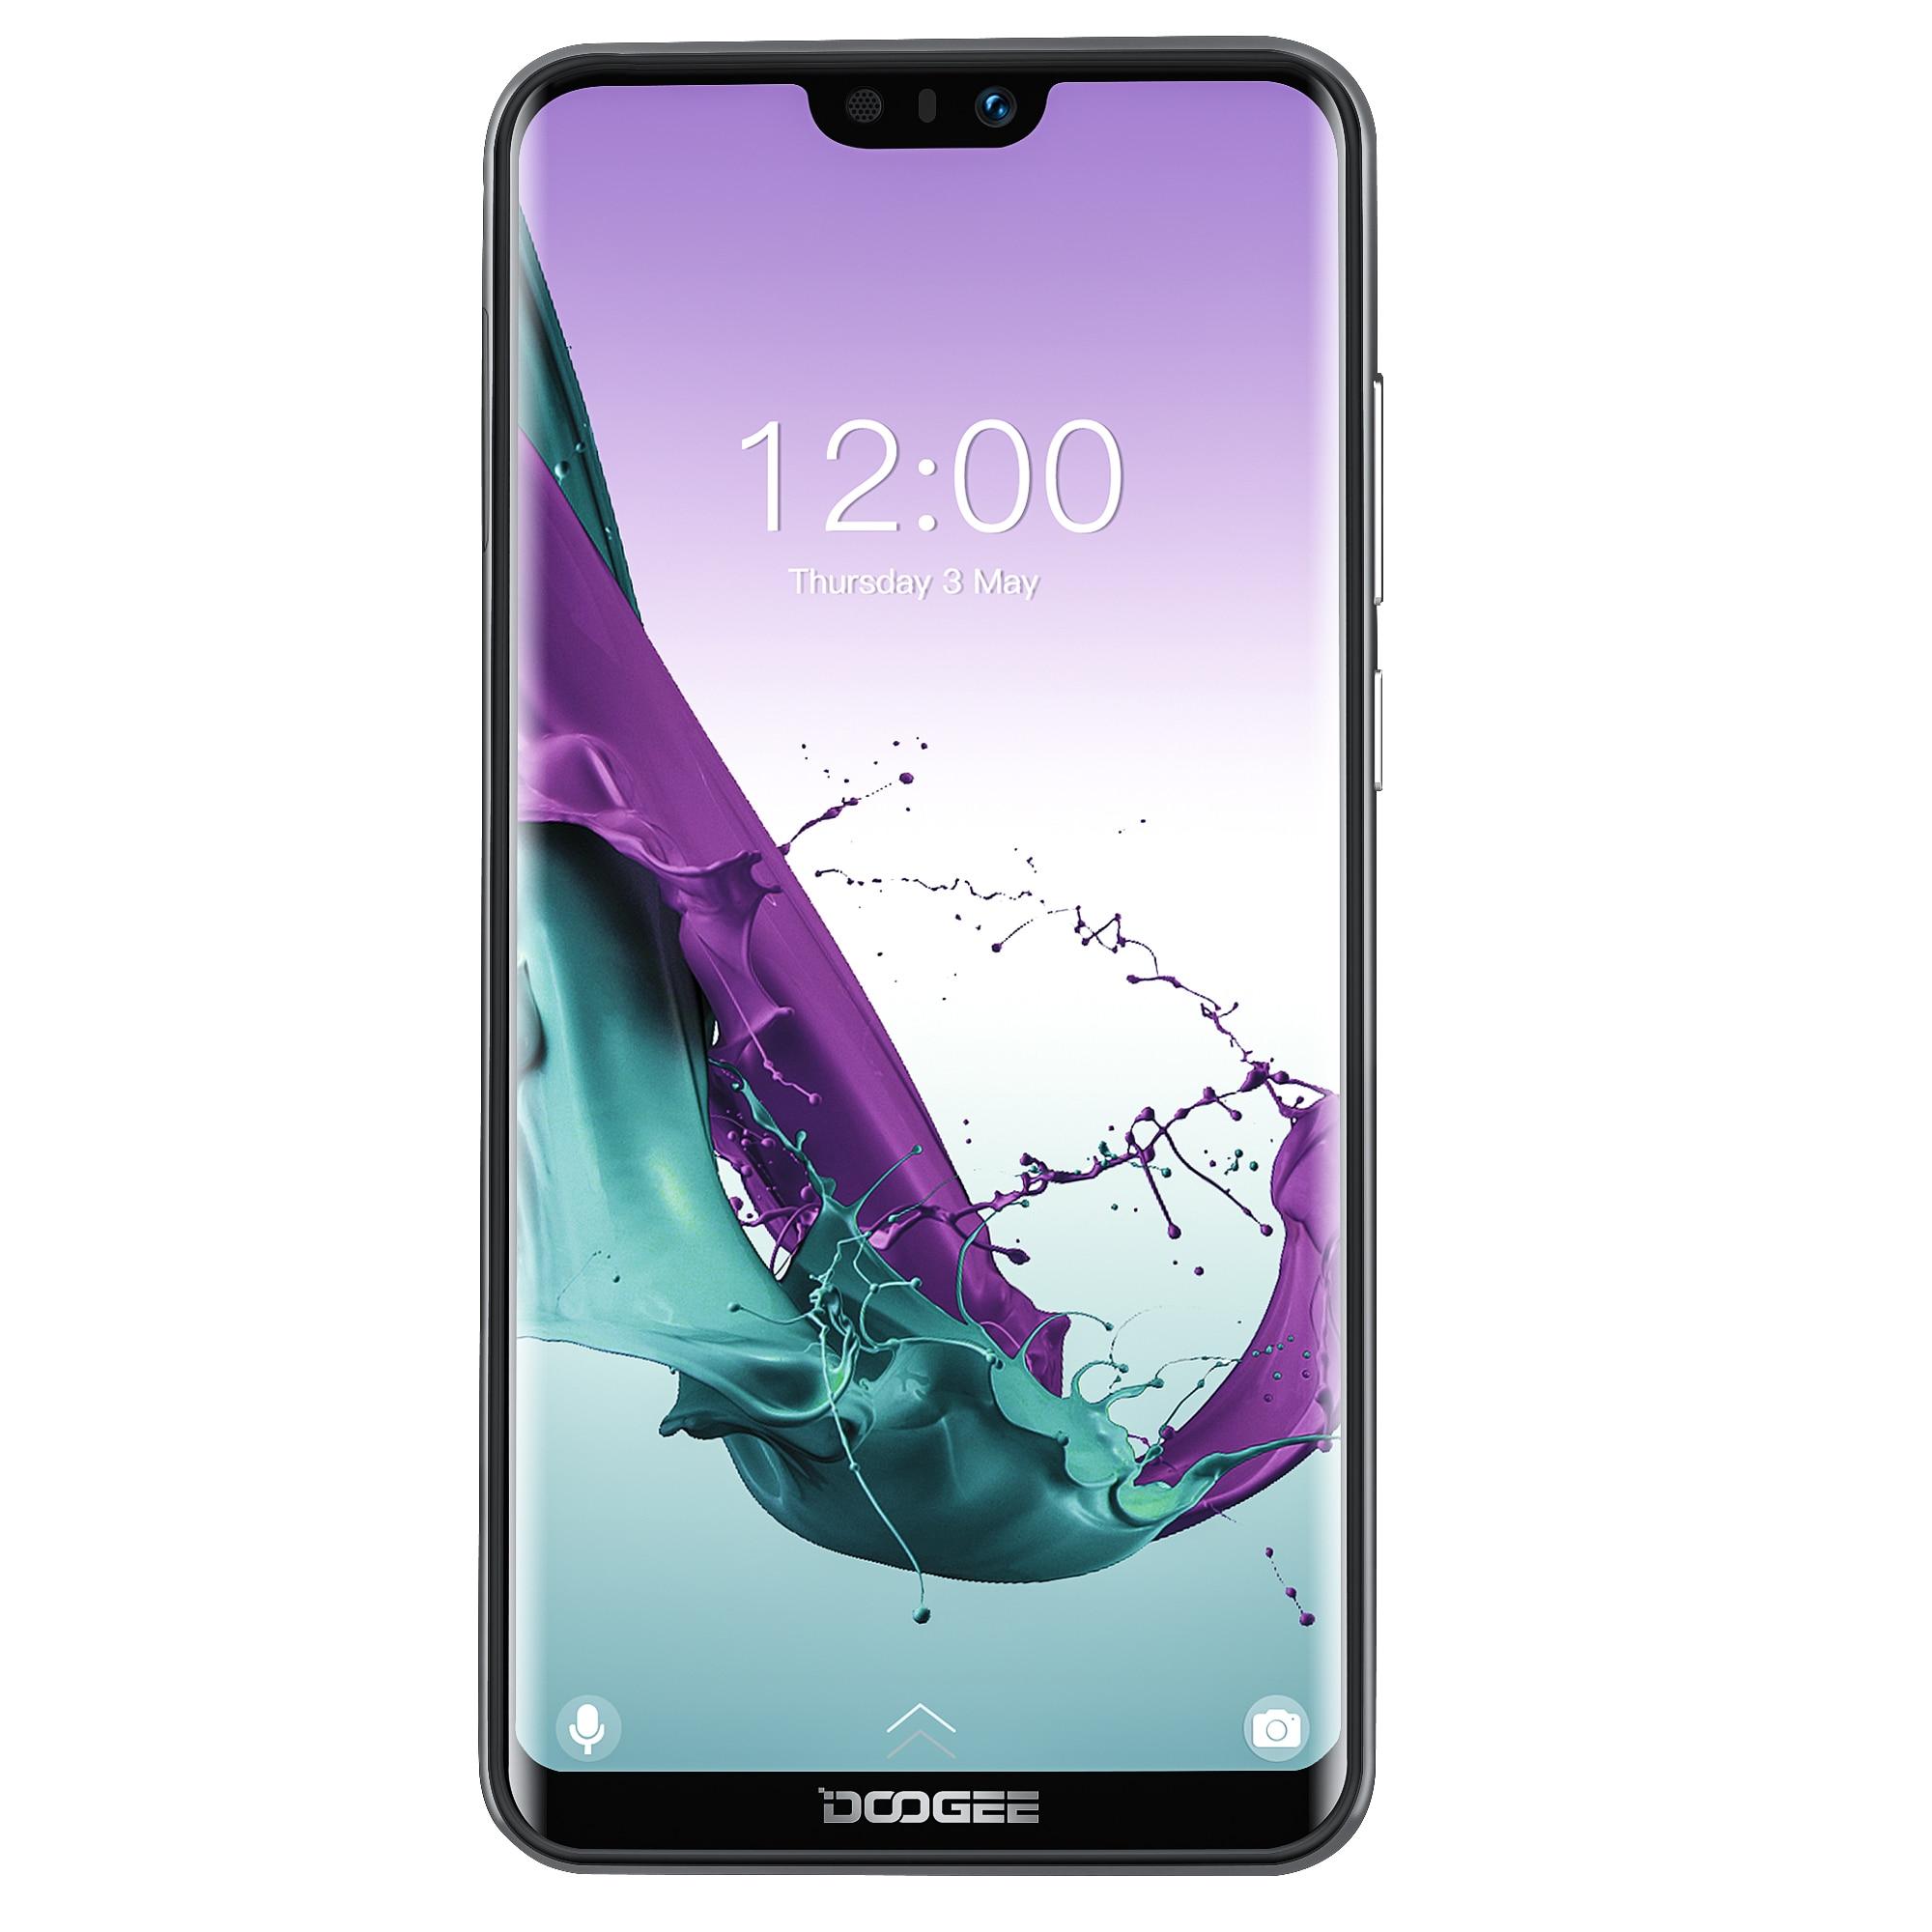 DOOGEE N10 2019 Android 8,14G LTE мобильный телефон 5,84 дюймов Восьмиядерный 3 ГБ ОЗУ 32 Гб ПЗУ FHD 19:9 дисплей 16,0 Мп фронтальная камера 3360 мАч